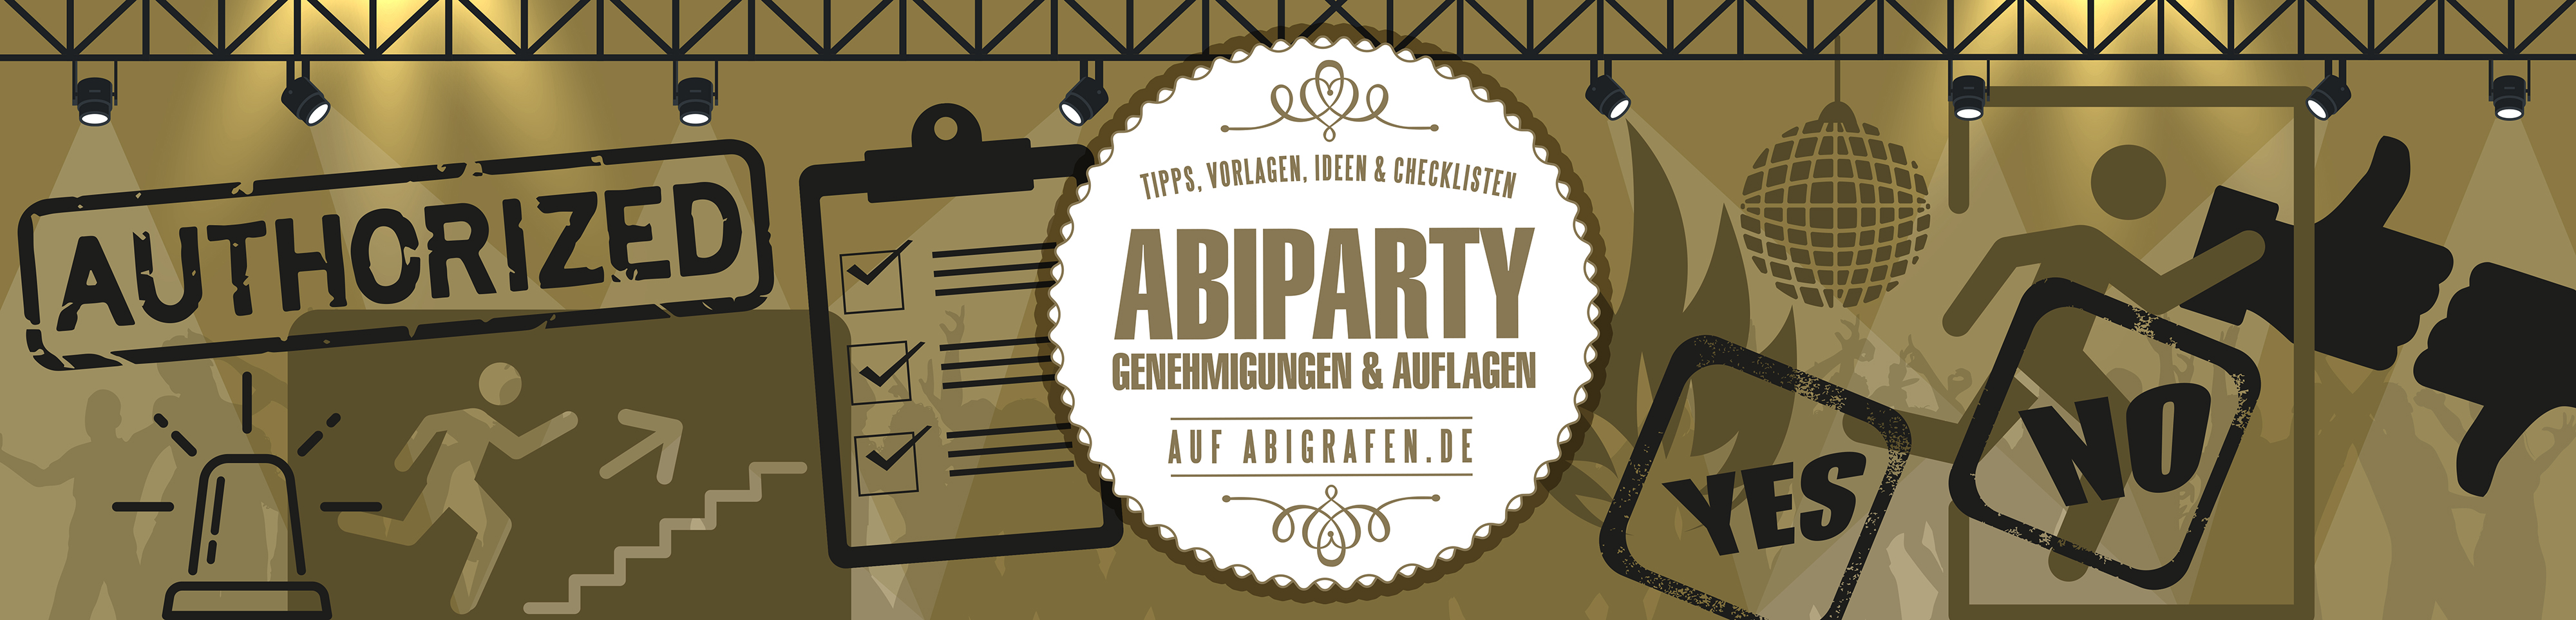 Abi Party: wichtige Informationen zu Genehmigungen & Steuern (Ordnungsamt, Schankerlaubnis, Vergnügungssteuer, Gema-Gebühren, Notausgänge, Rettungswege, Sanitäter etc.)